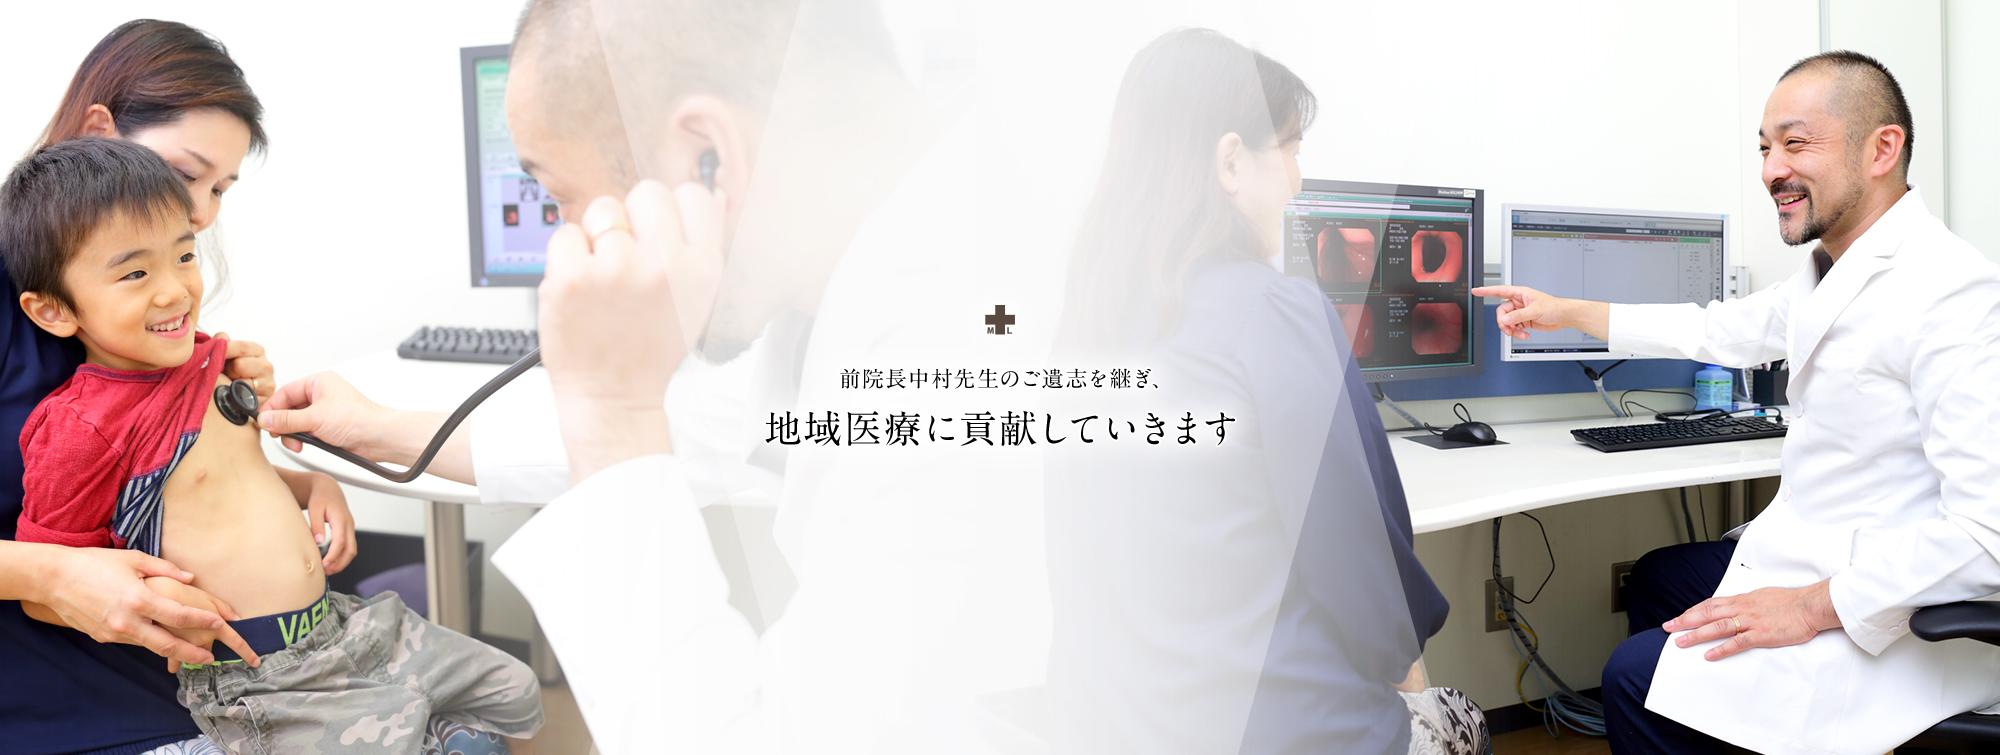 前院長中村先生のご遺志継ぎ、地域医療に貢献していきます